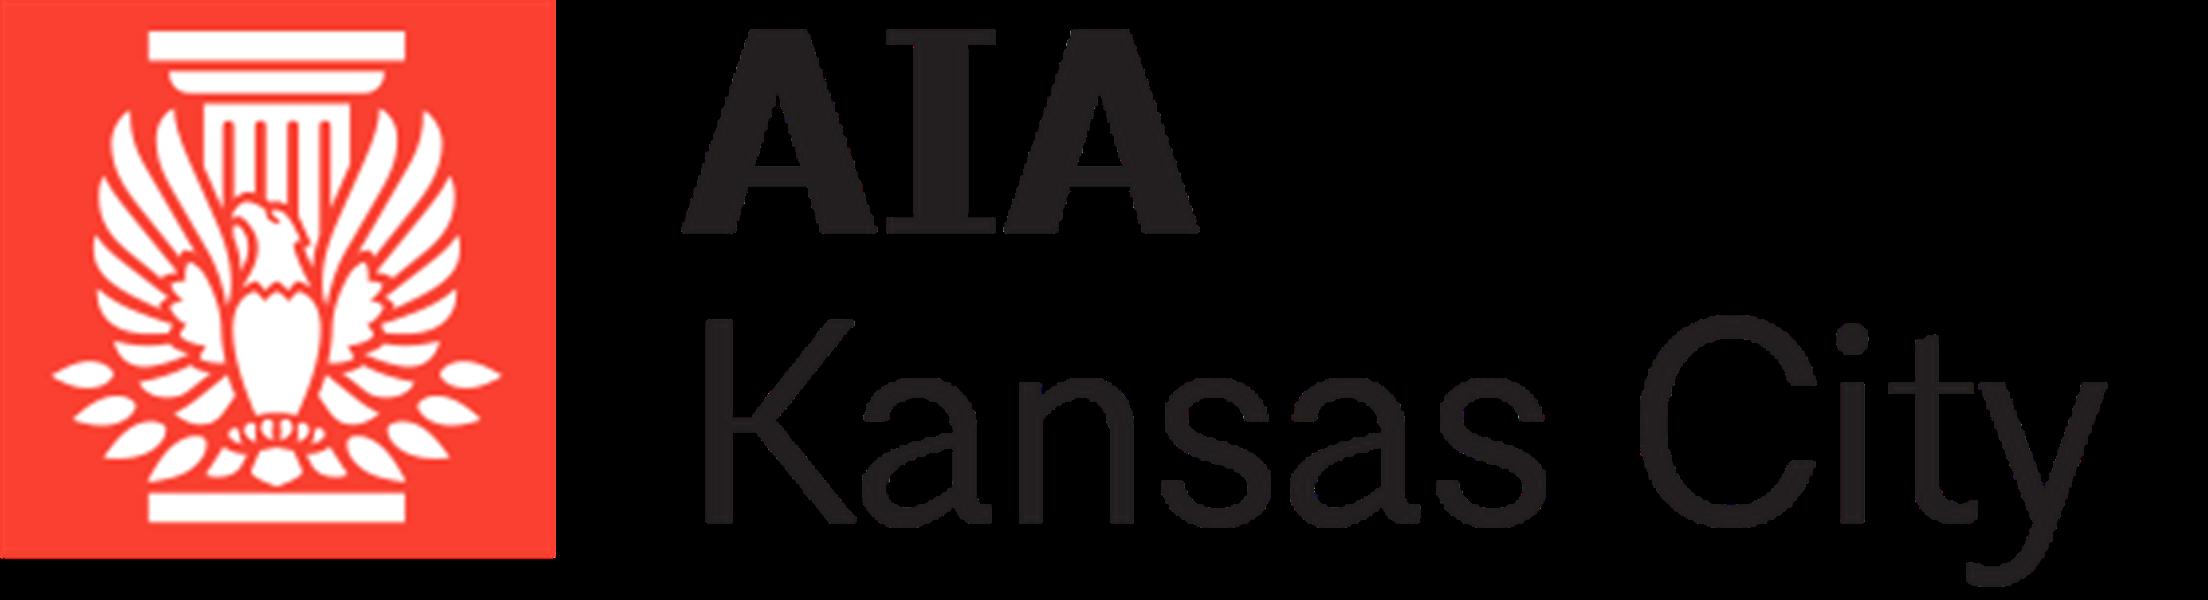 AIA Kansas City